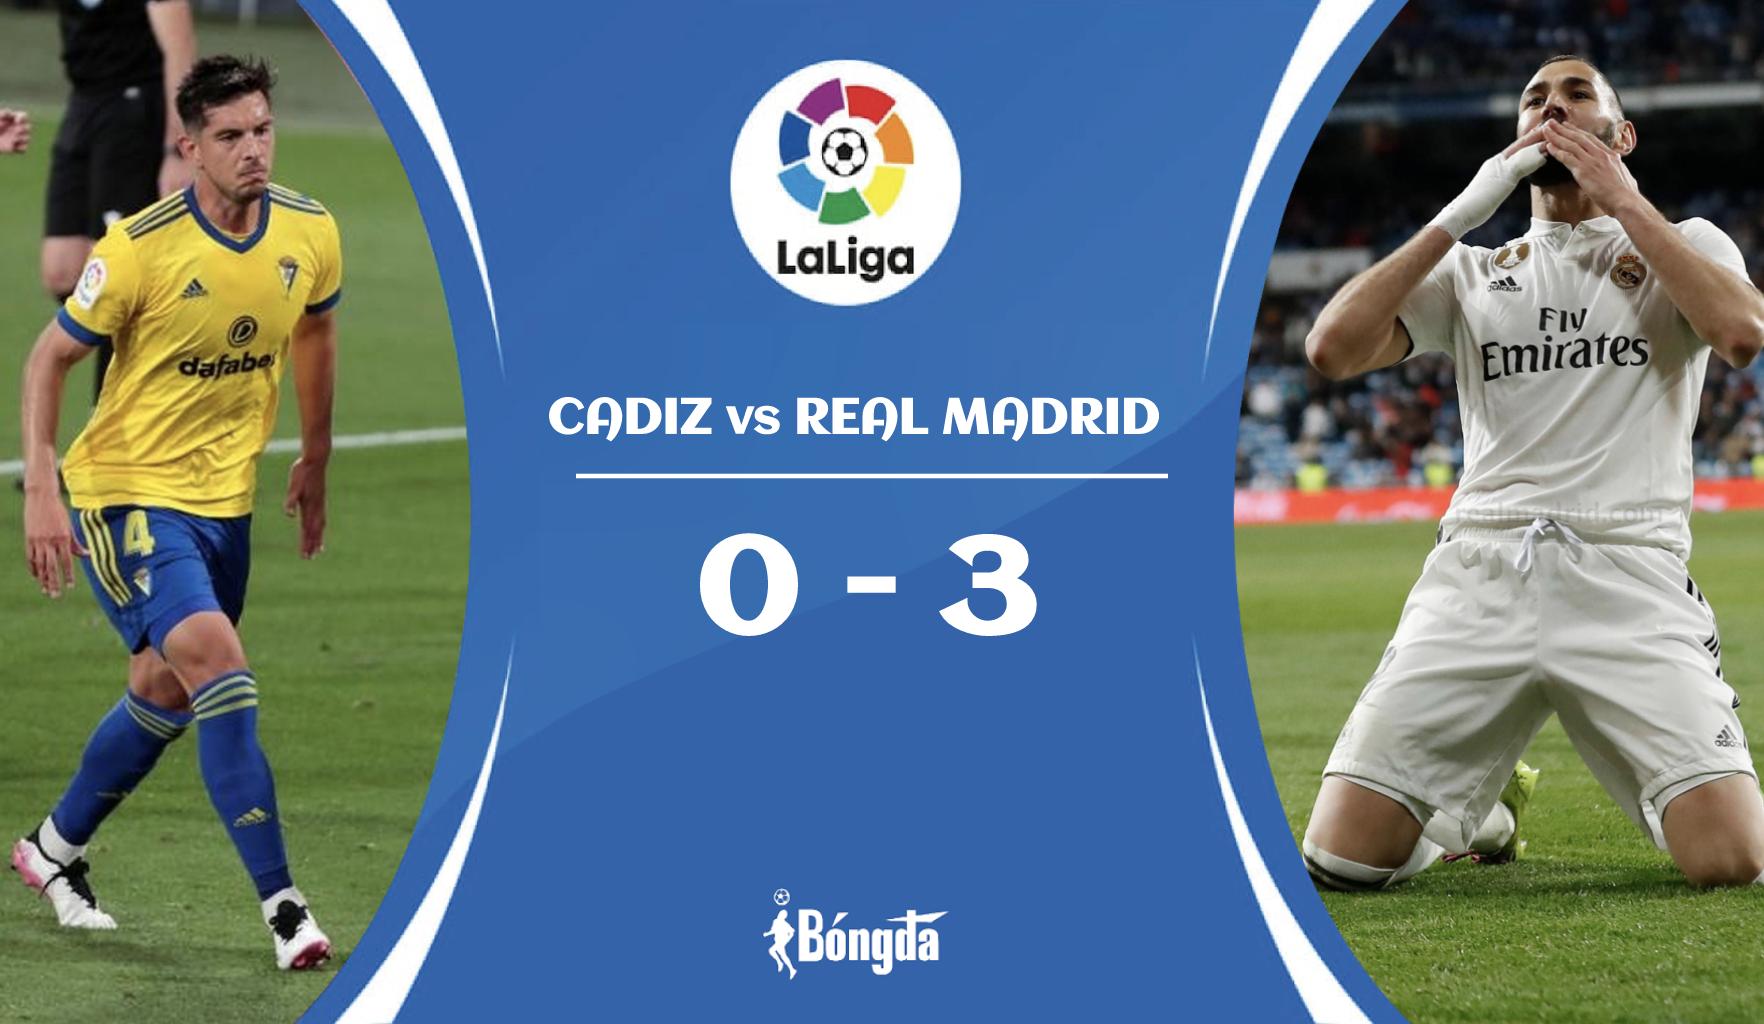 Cadiz 0-3 Real Madrid: Cú đúp của Benzema đưa Real Madrid lên ngôi đầu bảng